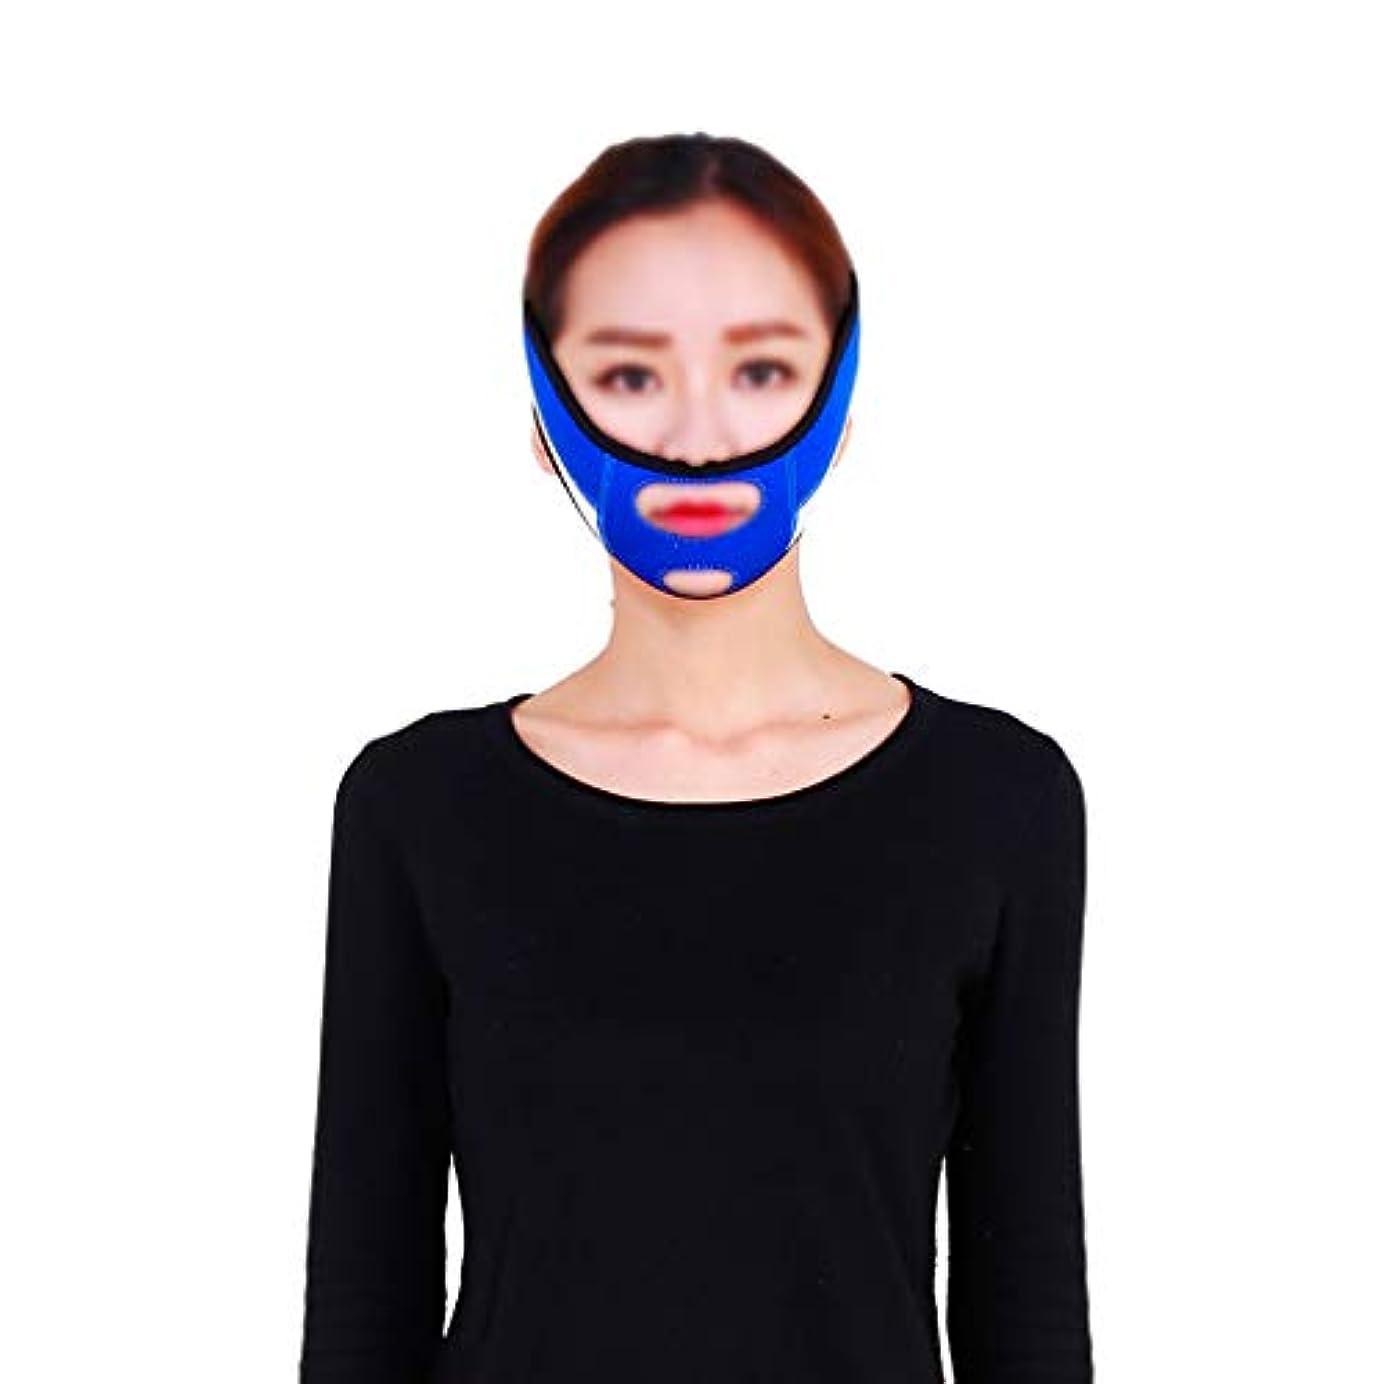 ワーム独占特許XHLMRMJ 引き締めフェイスマスク、たるみ肌を強化する滑り止め弾性伸縮性包帯を強化するために口を調整するための小さなV顔アーティファクトリフティングマスク